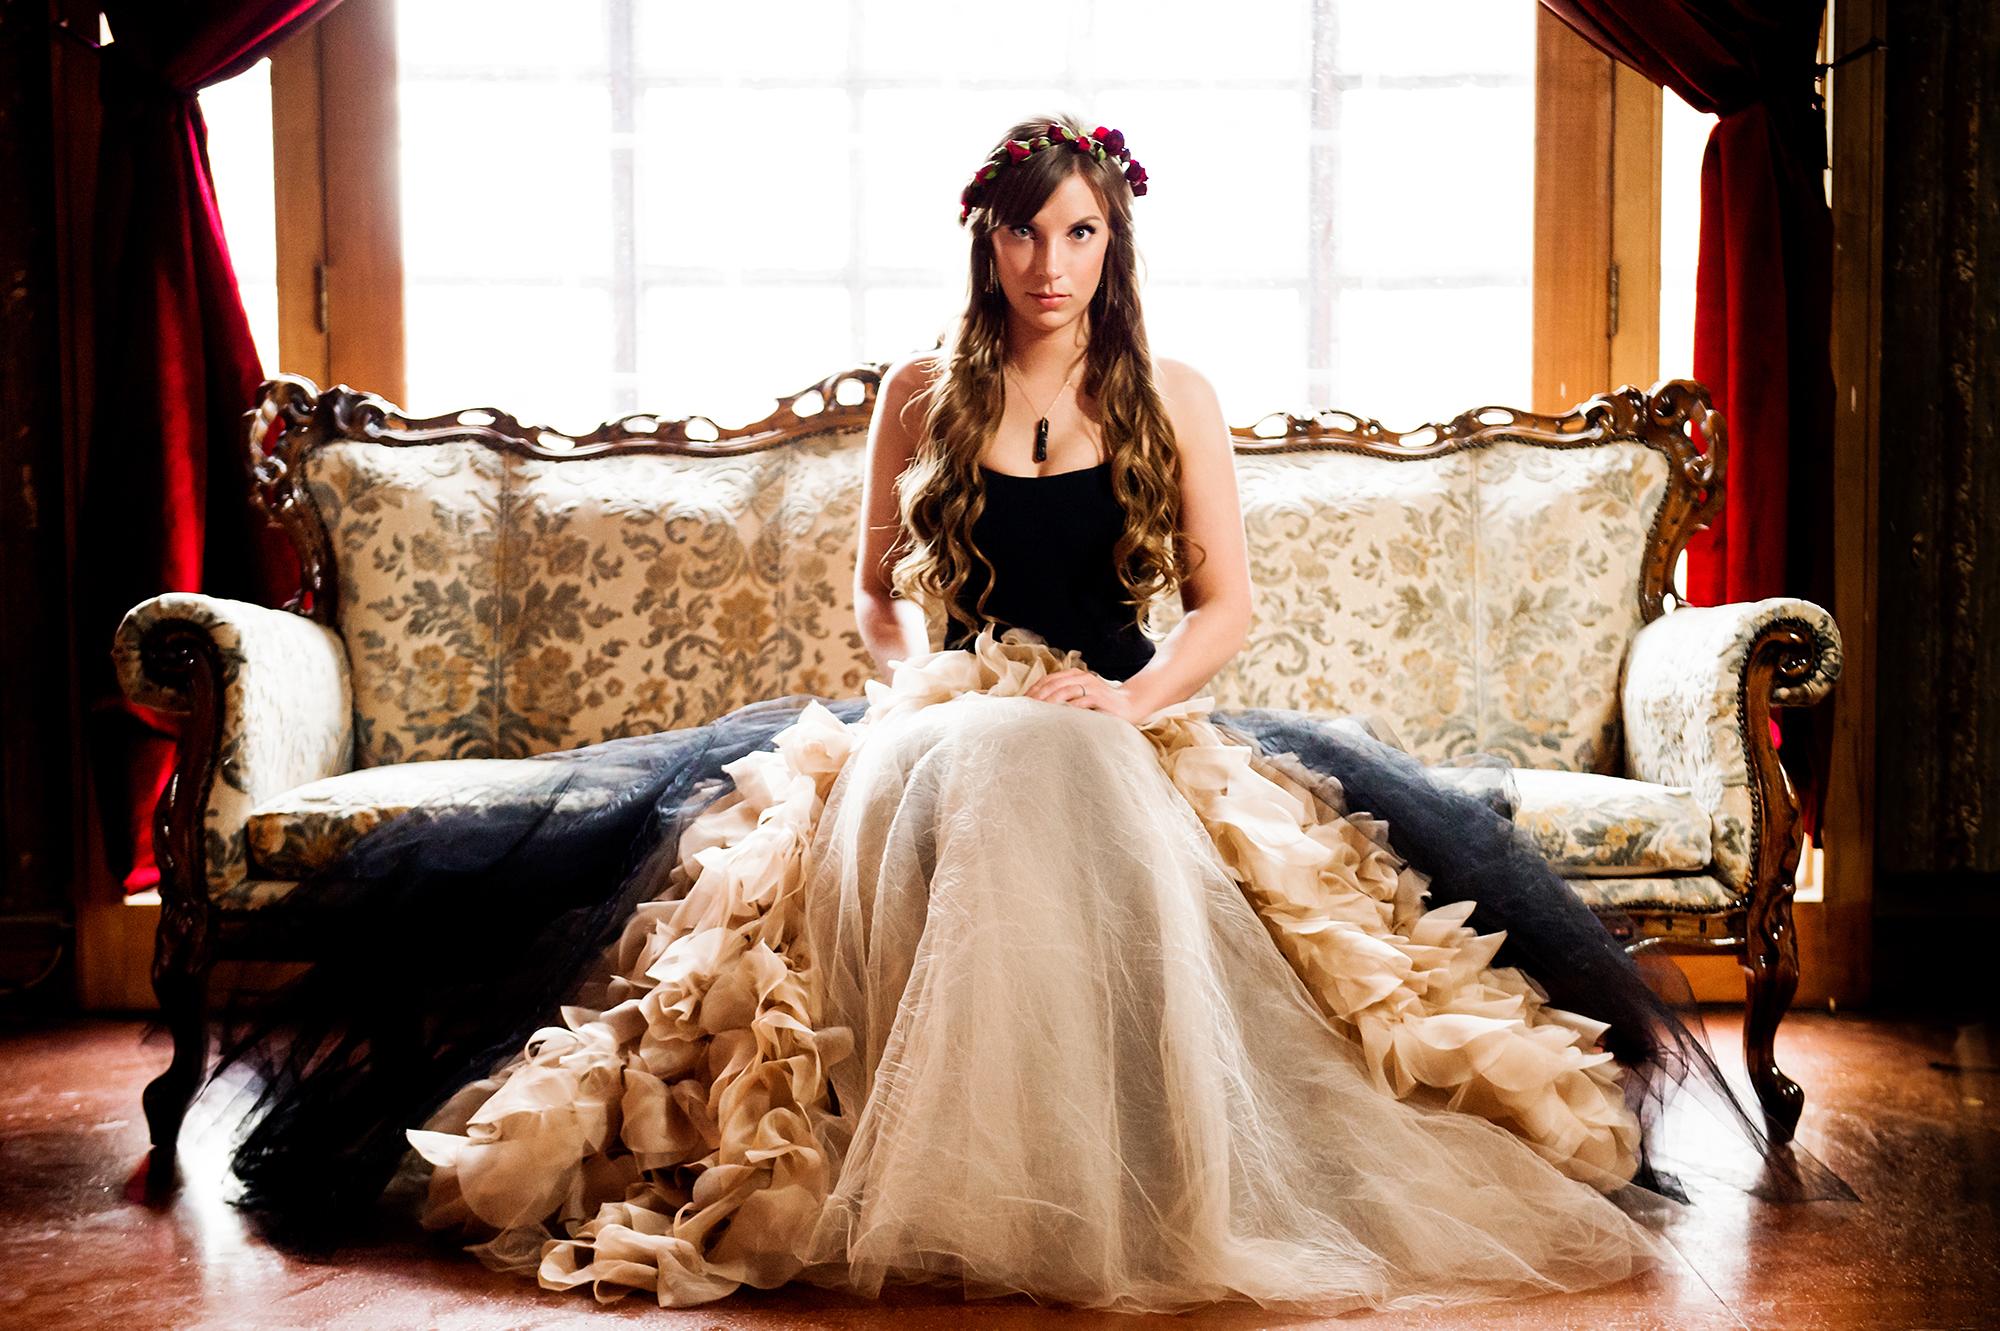 Gothic Wedding Photoshoot